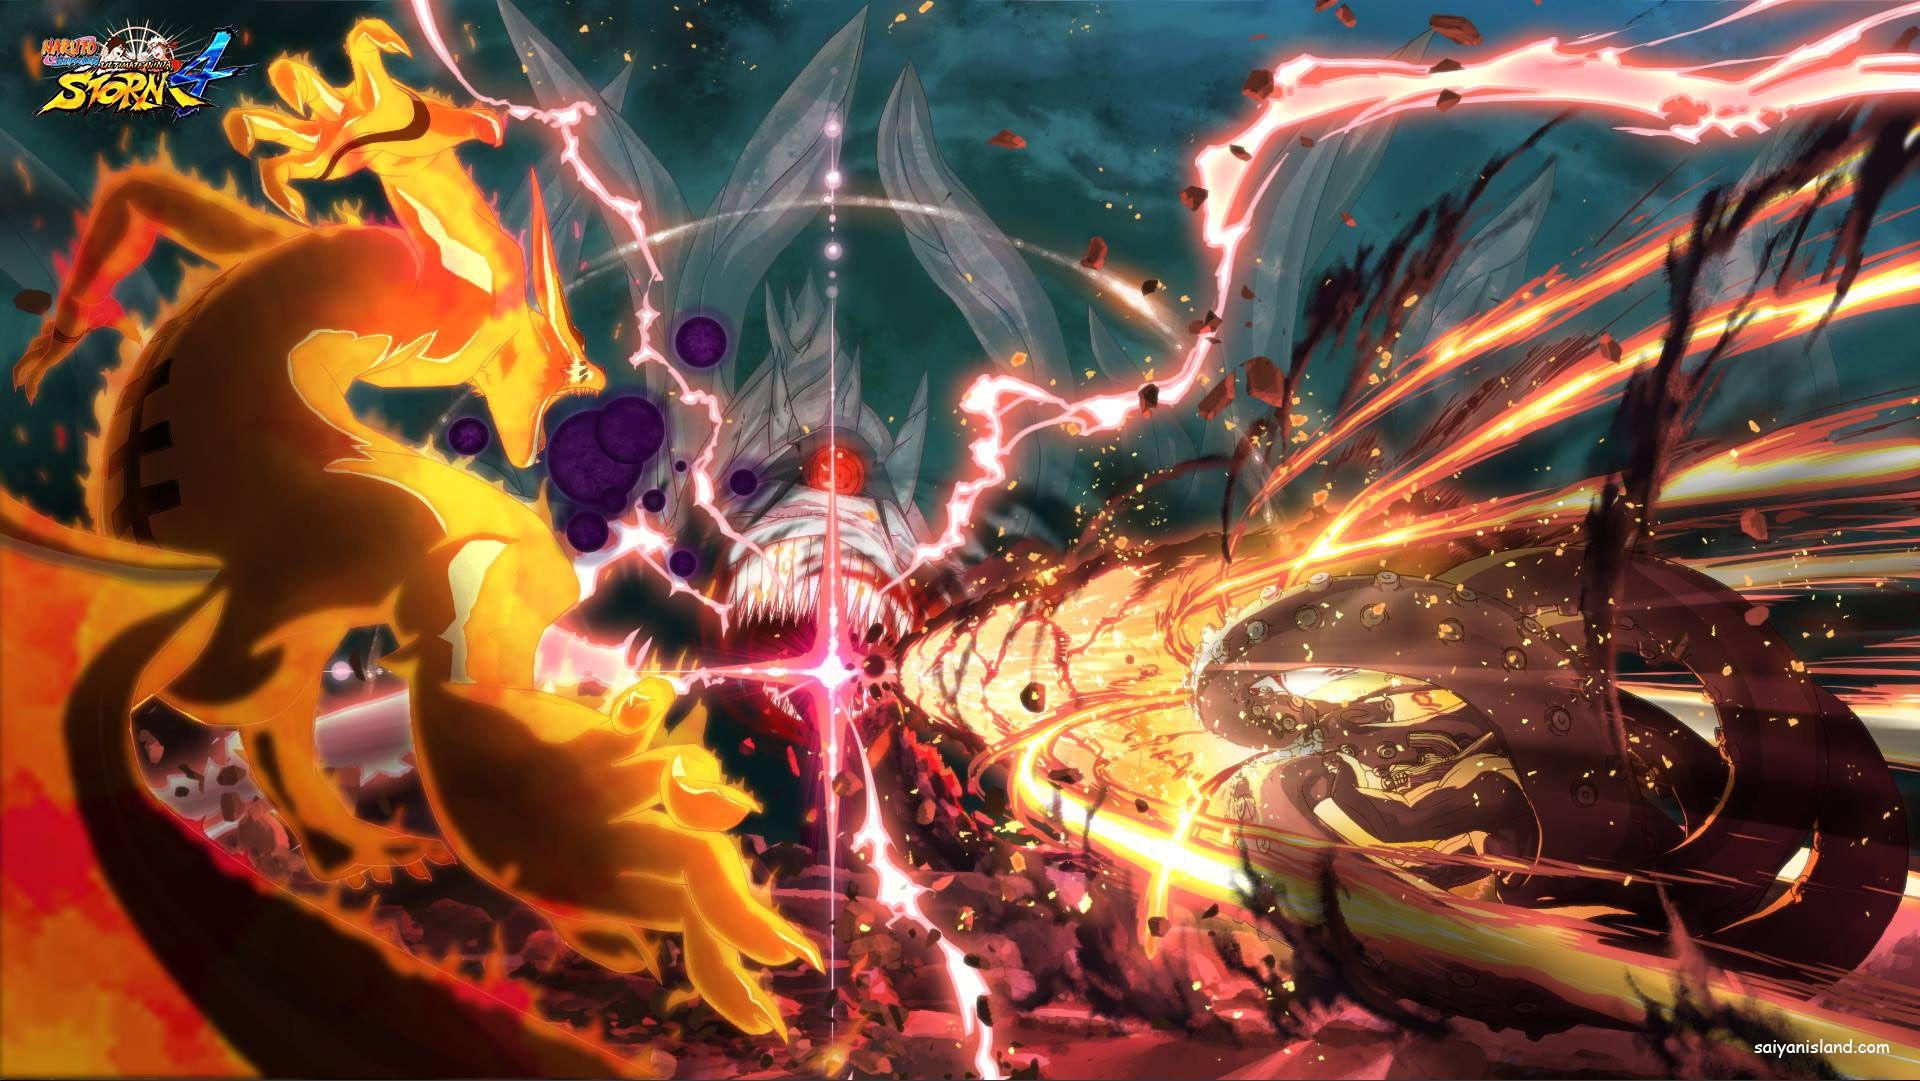 10 Teils Tailed Beasts Naruto Naruto Shippuden Anime Wallpaper Naruto Shippuden